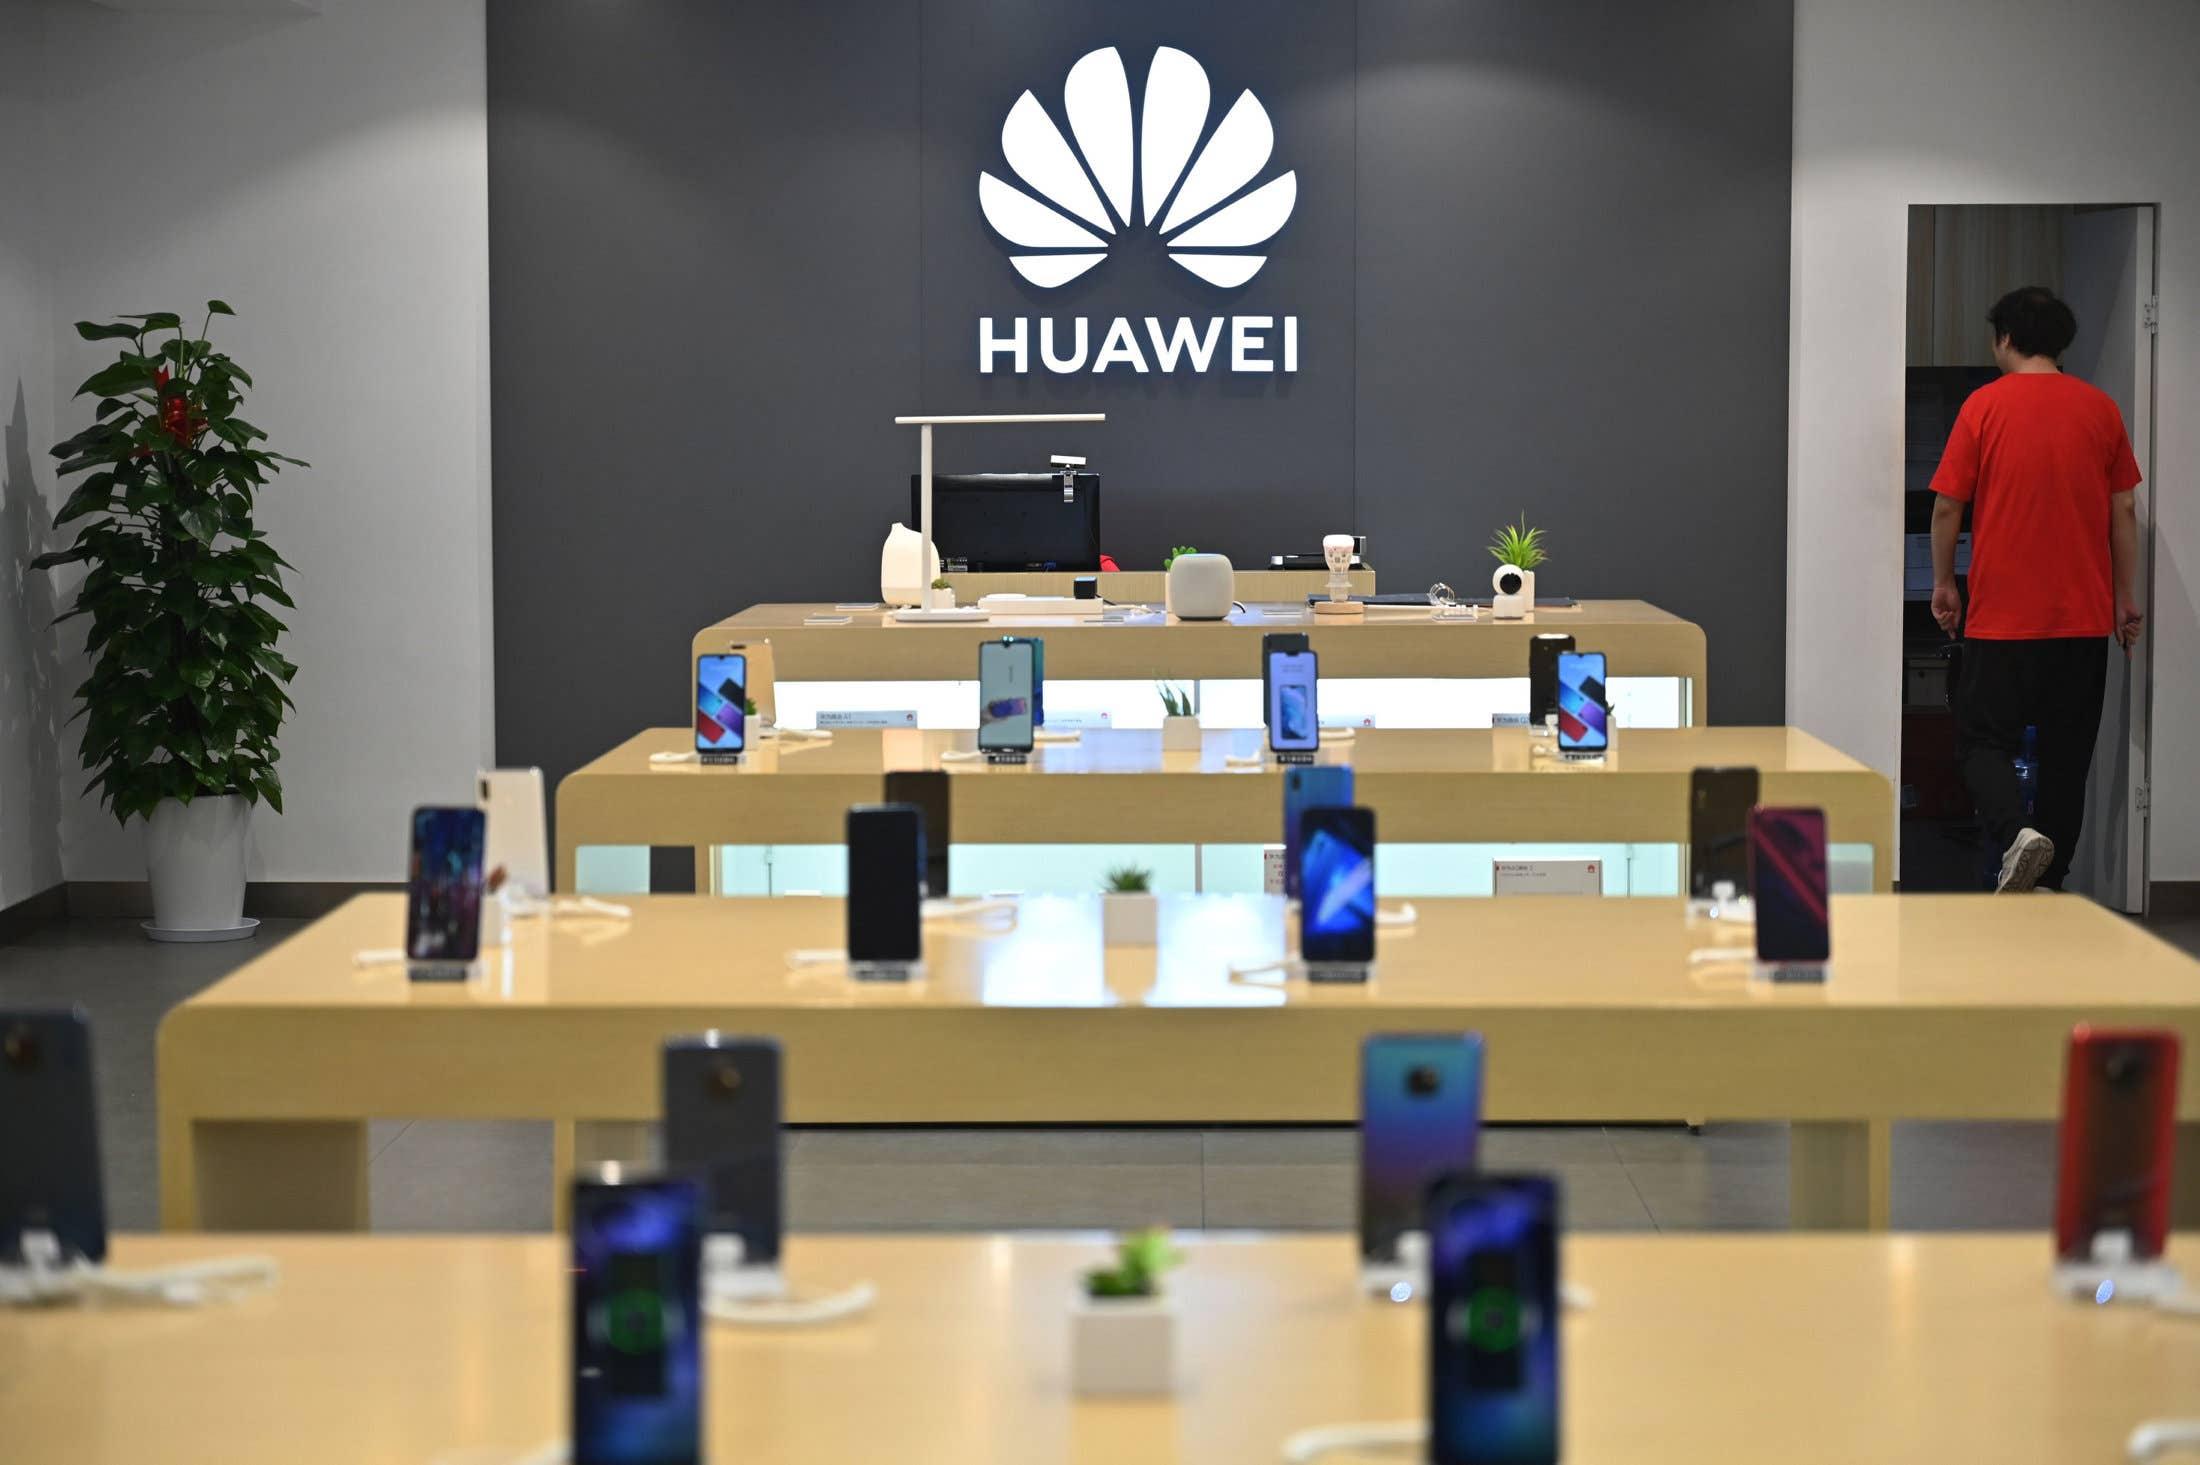 Huawei kêu gọi chính phủ Australia xây dựng mạng viễn thông 6G